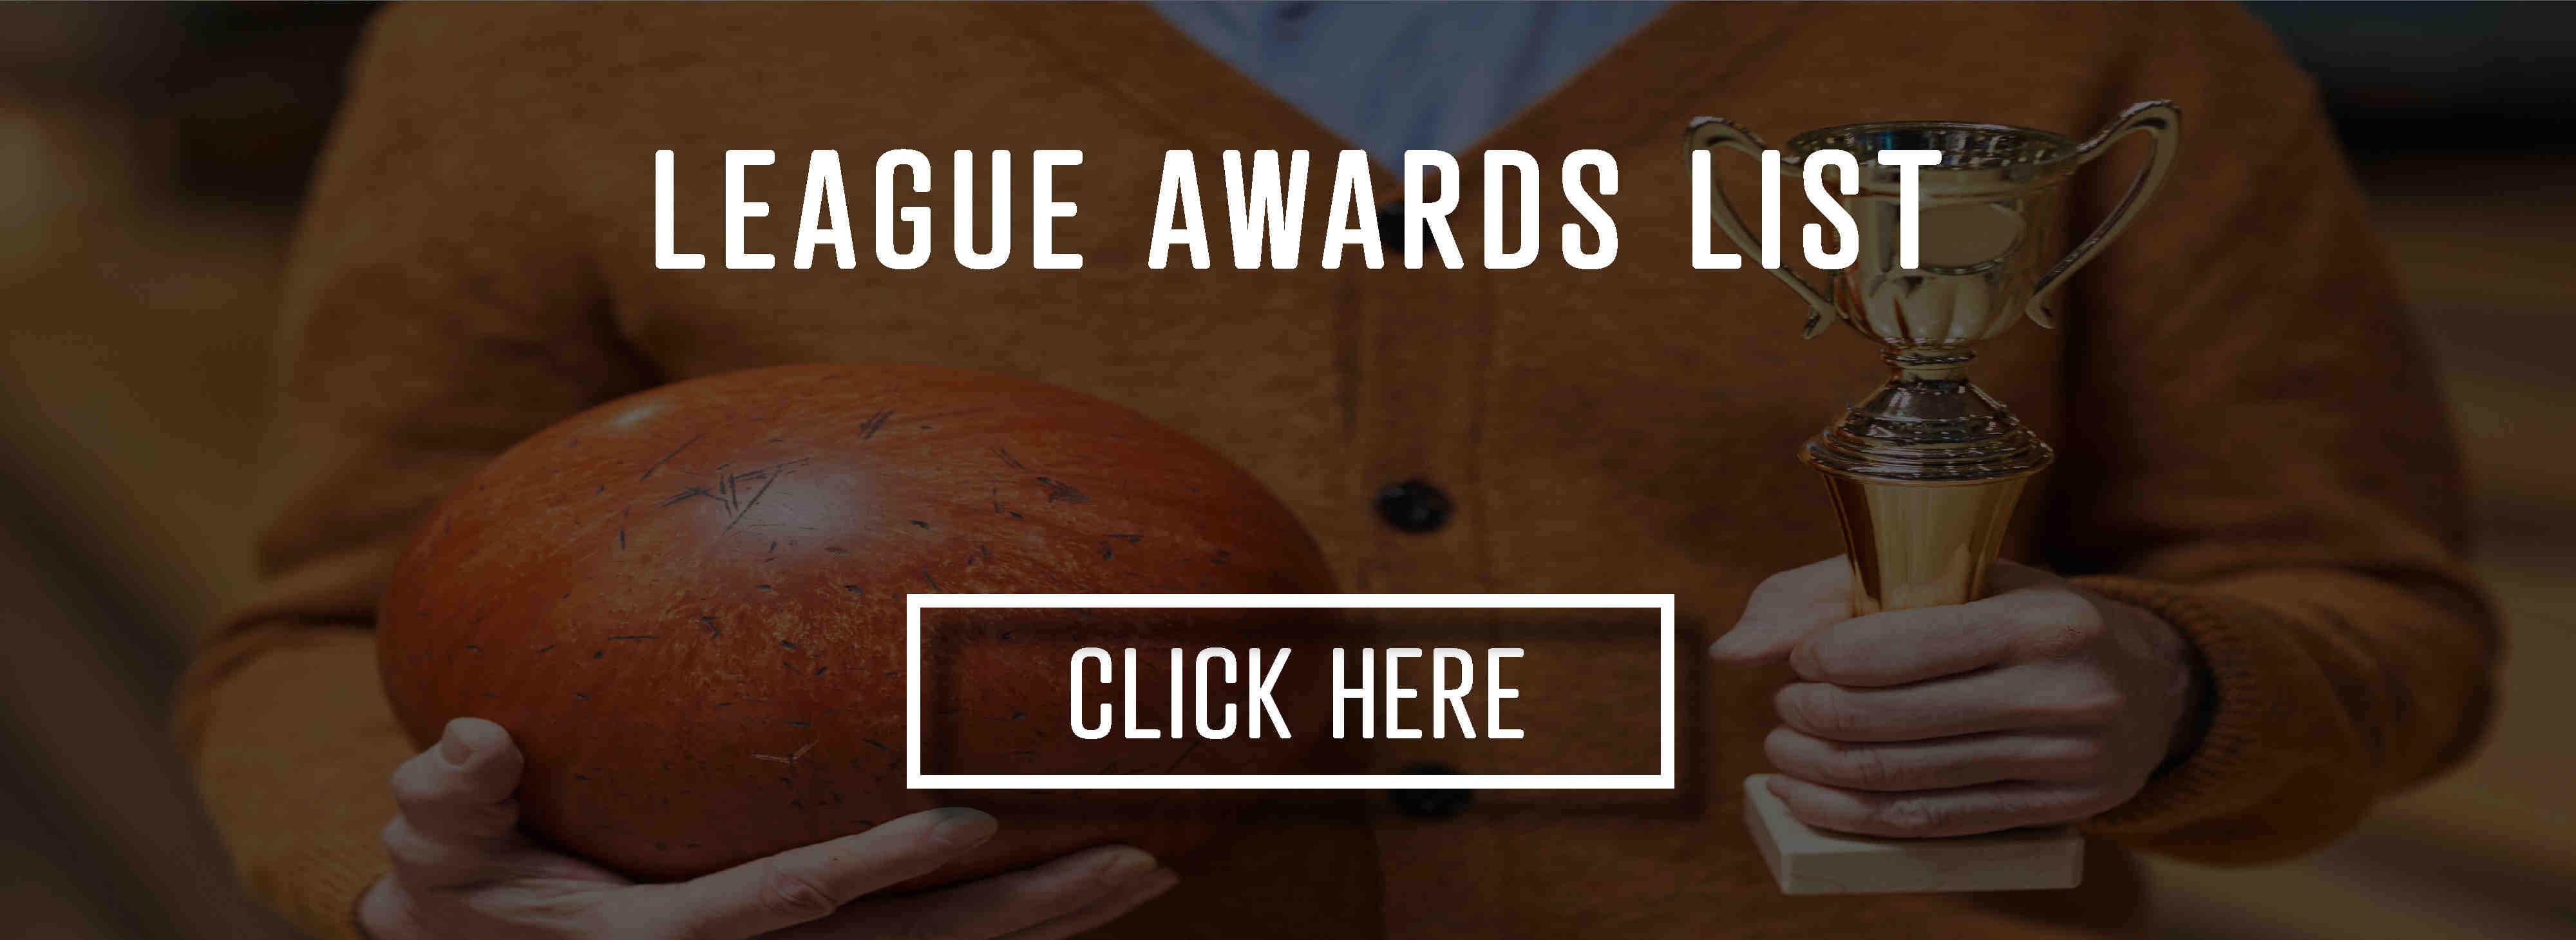 League awards list